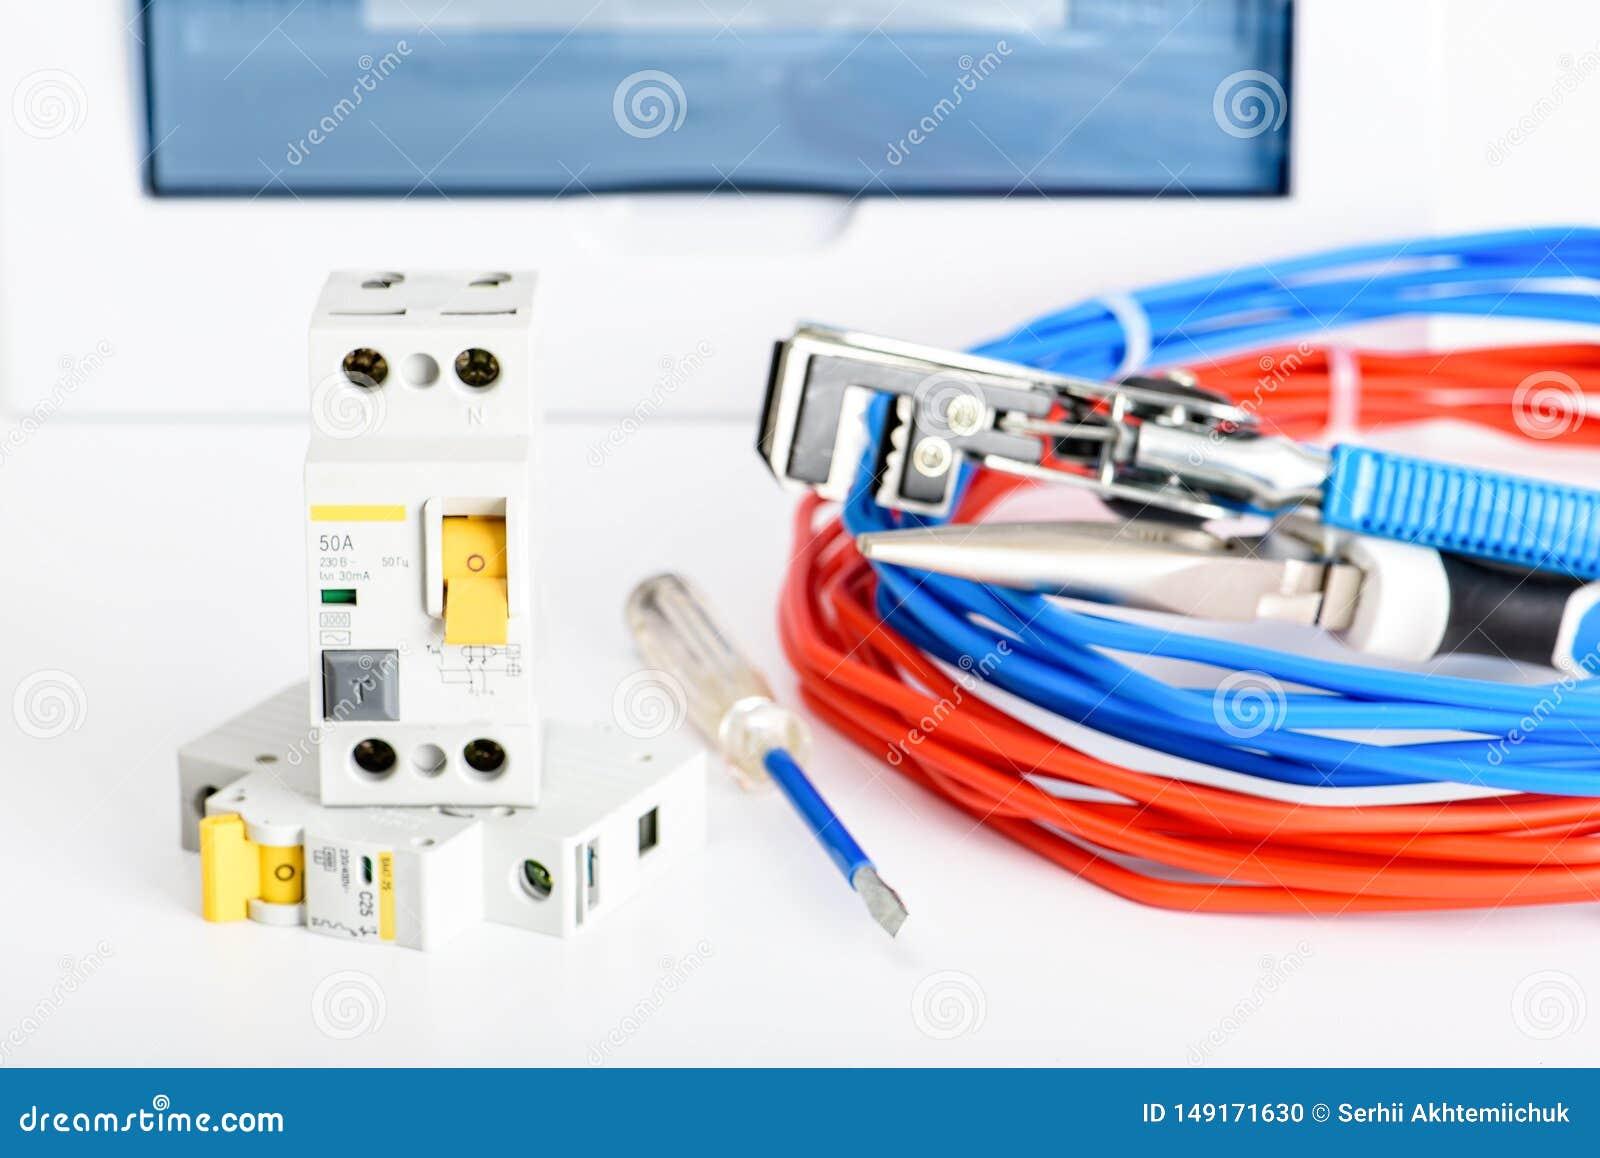 自动开关、配电盒、缆绳和数字式多用电表在白色背景 电机设备